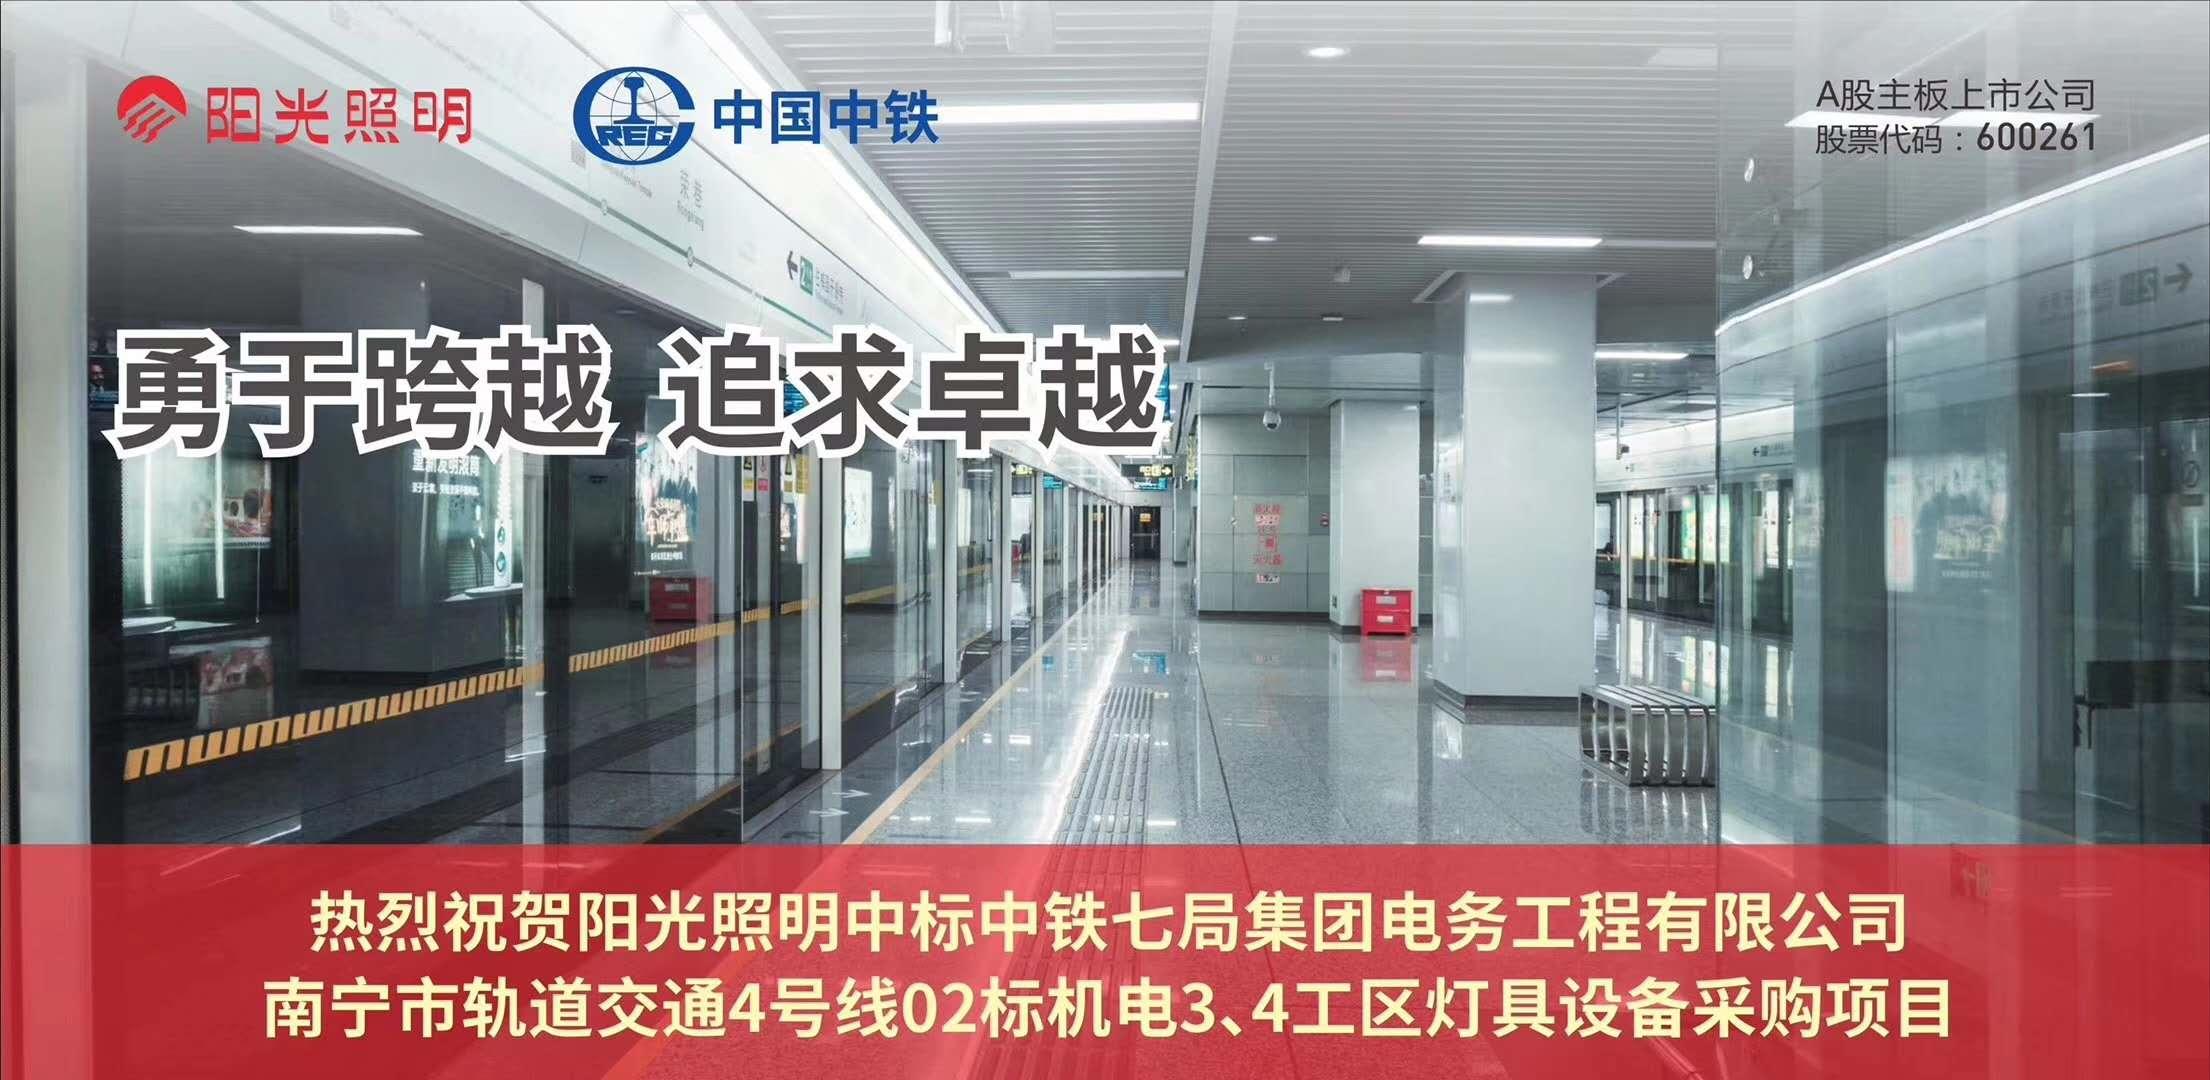 成都集广代理品牌—阳光产品中标中铁七局